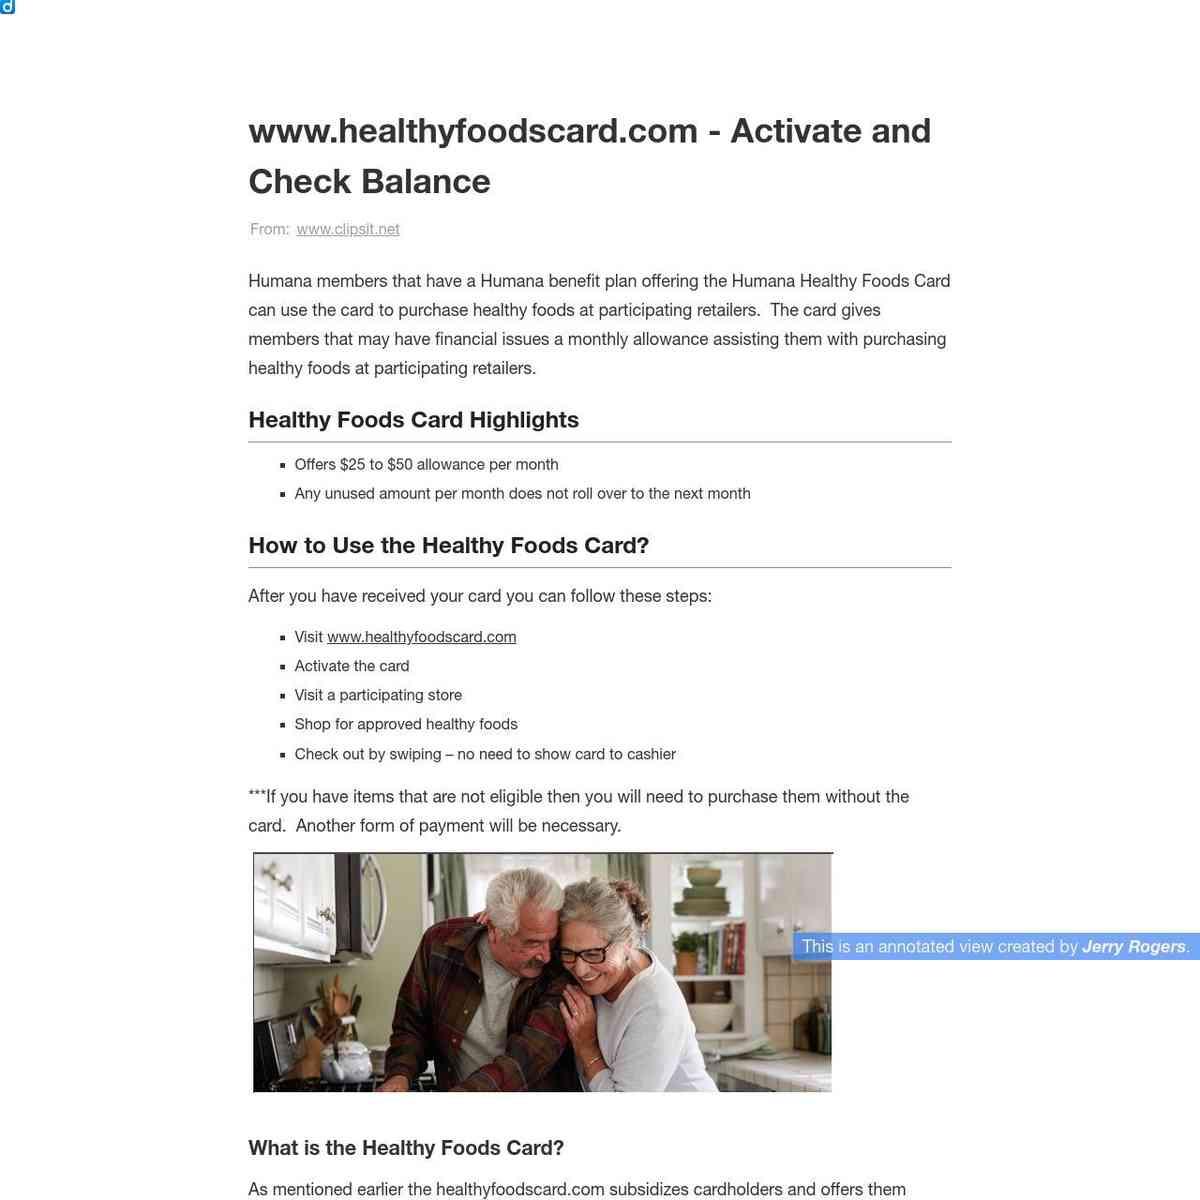 HealthyFoodsCard